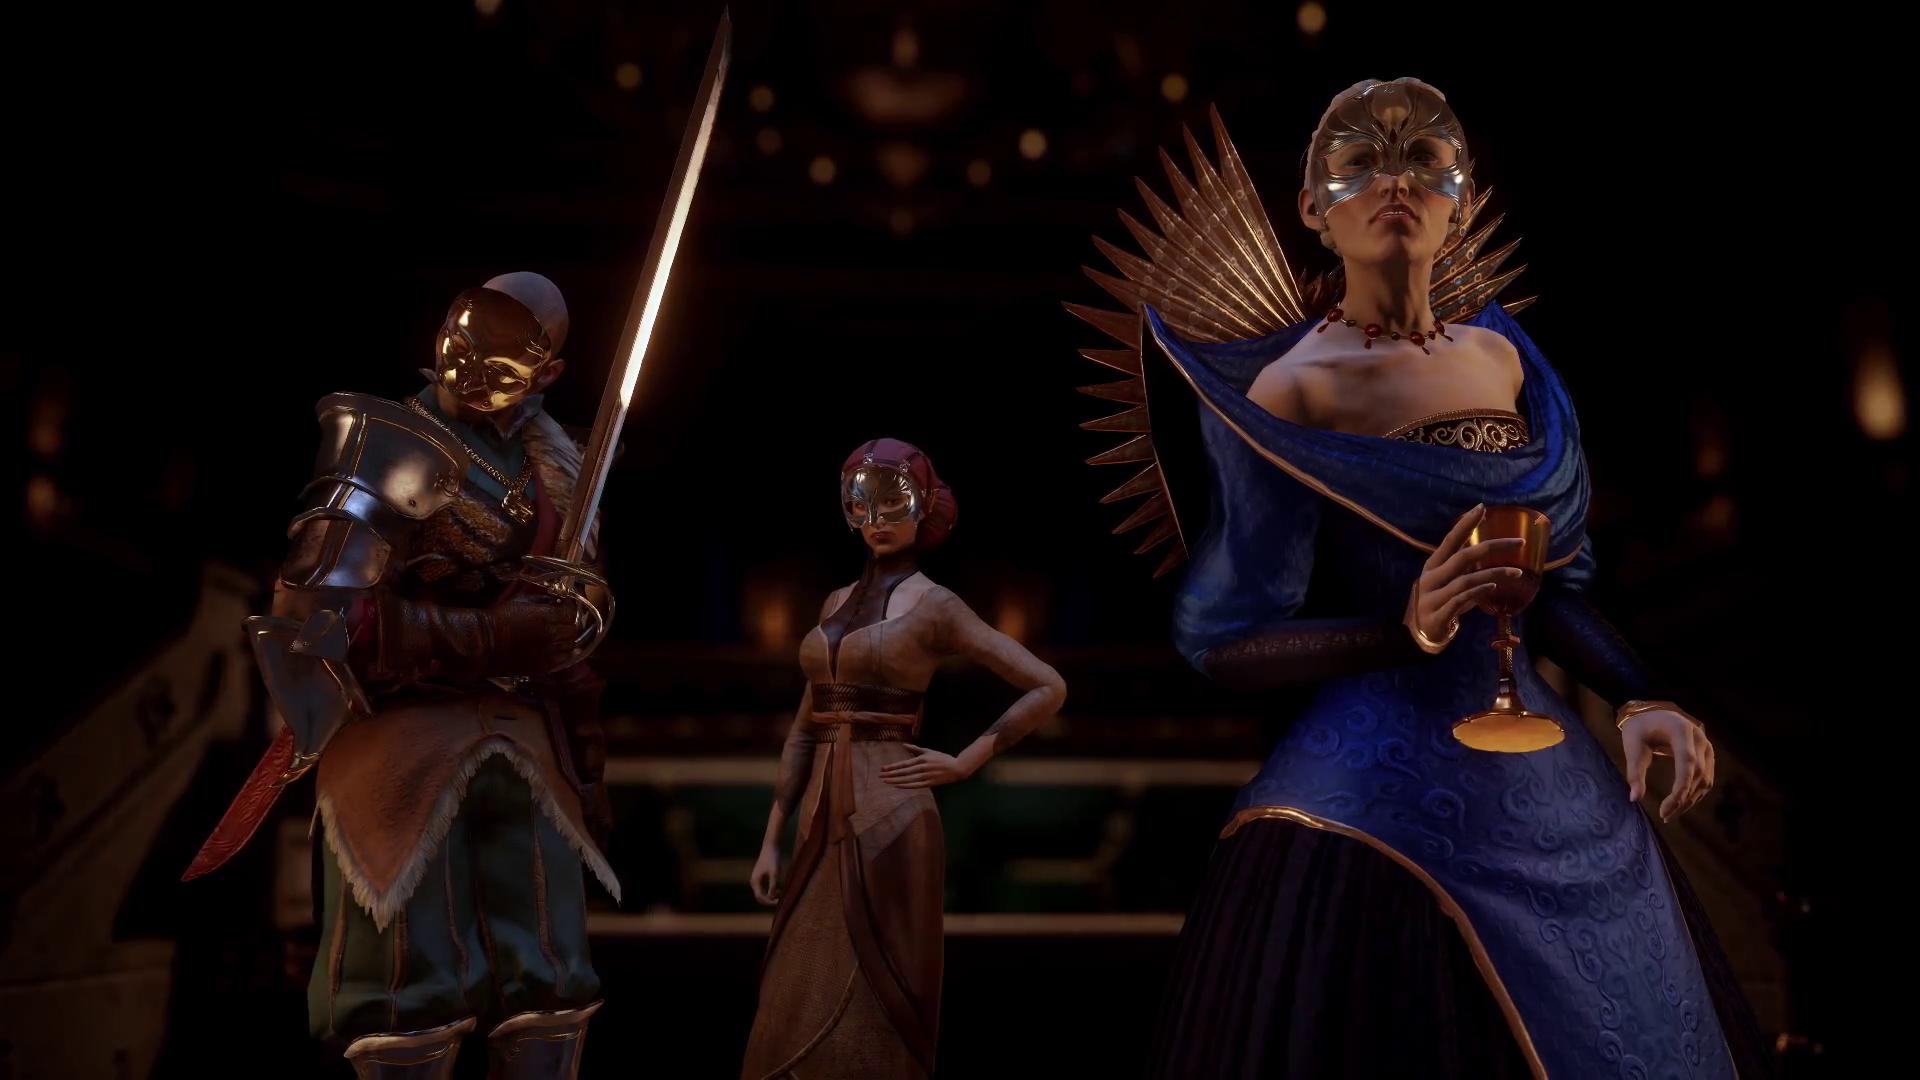 new Dragon Age BioWare